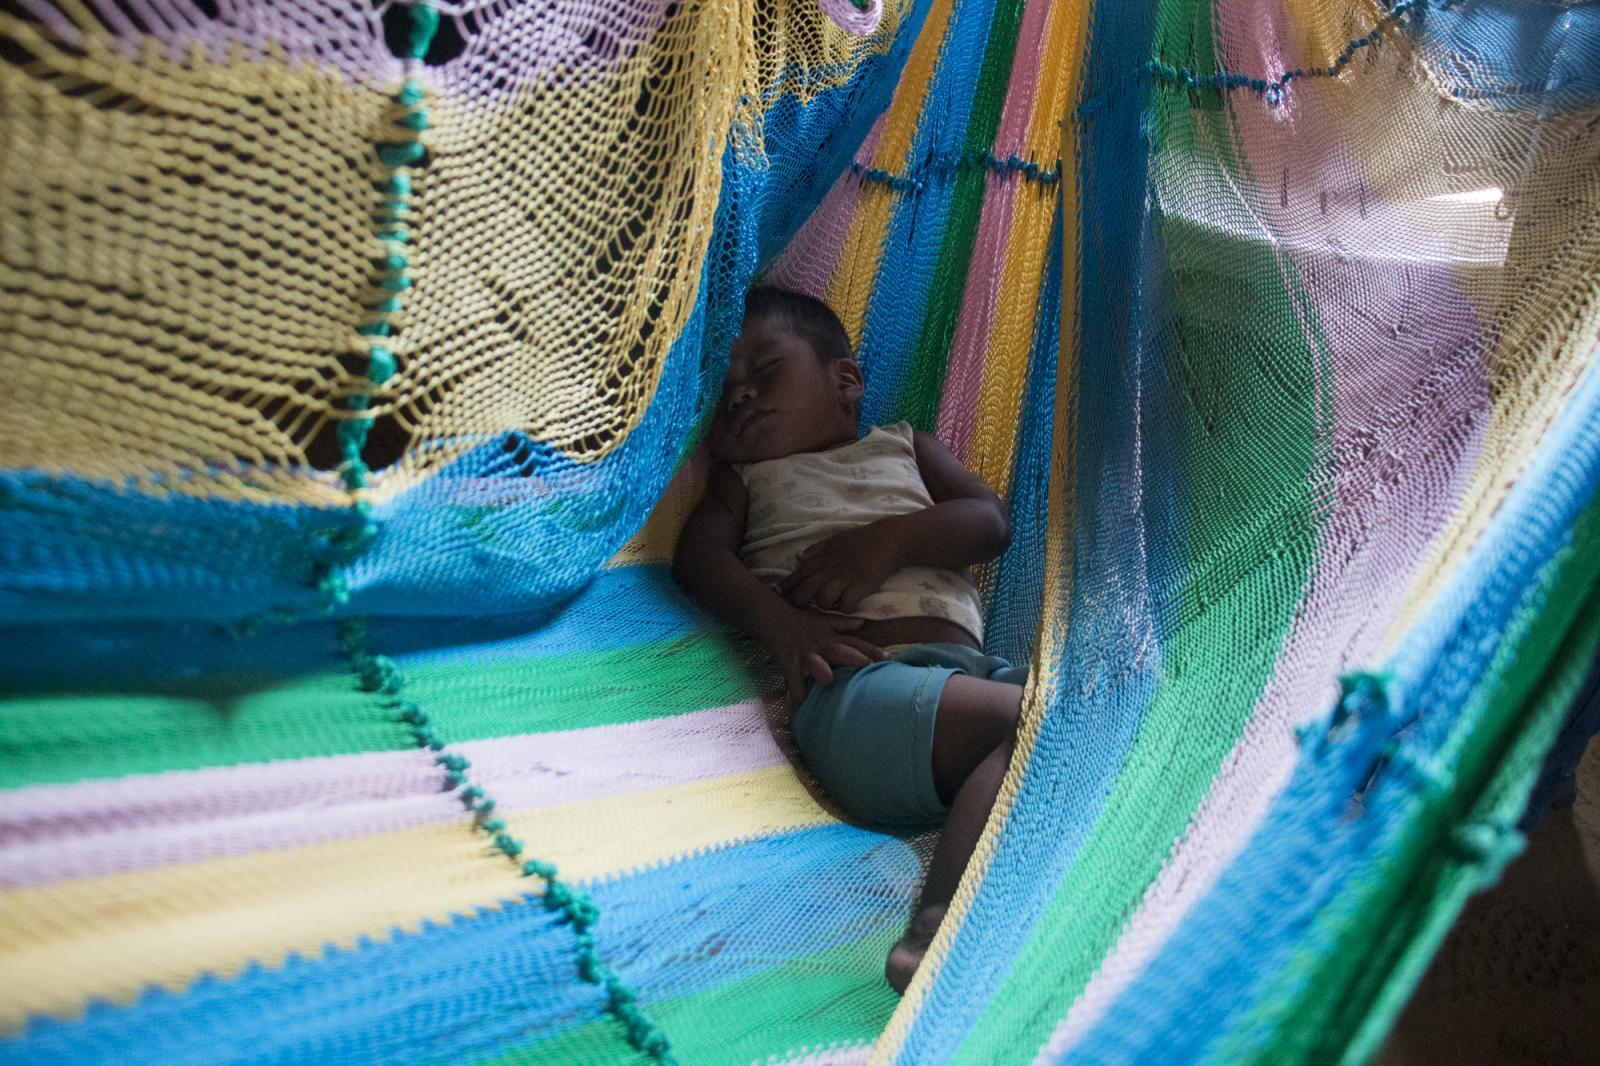 Josué Urdaneta, de un año, duerme en una hamaca en el hogar de su abuela en Caracolito I, una localidad de la Alta Guajira venezolana, el 3 de agosto de 2016. Los wayuú, etnia de la guajira venezolana, se han visto afectados por la profunda crisis que atraviesa Venezuela, confirmándose la muerte por desnutrición de dos niños hermanos.